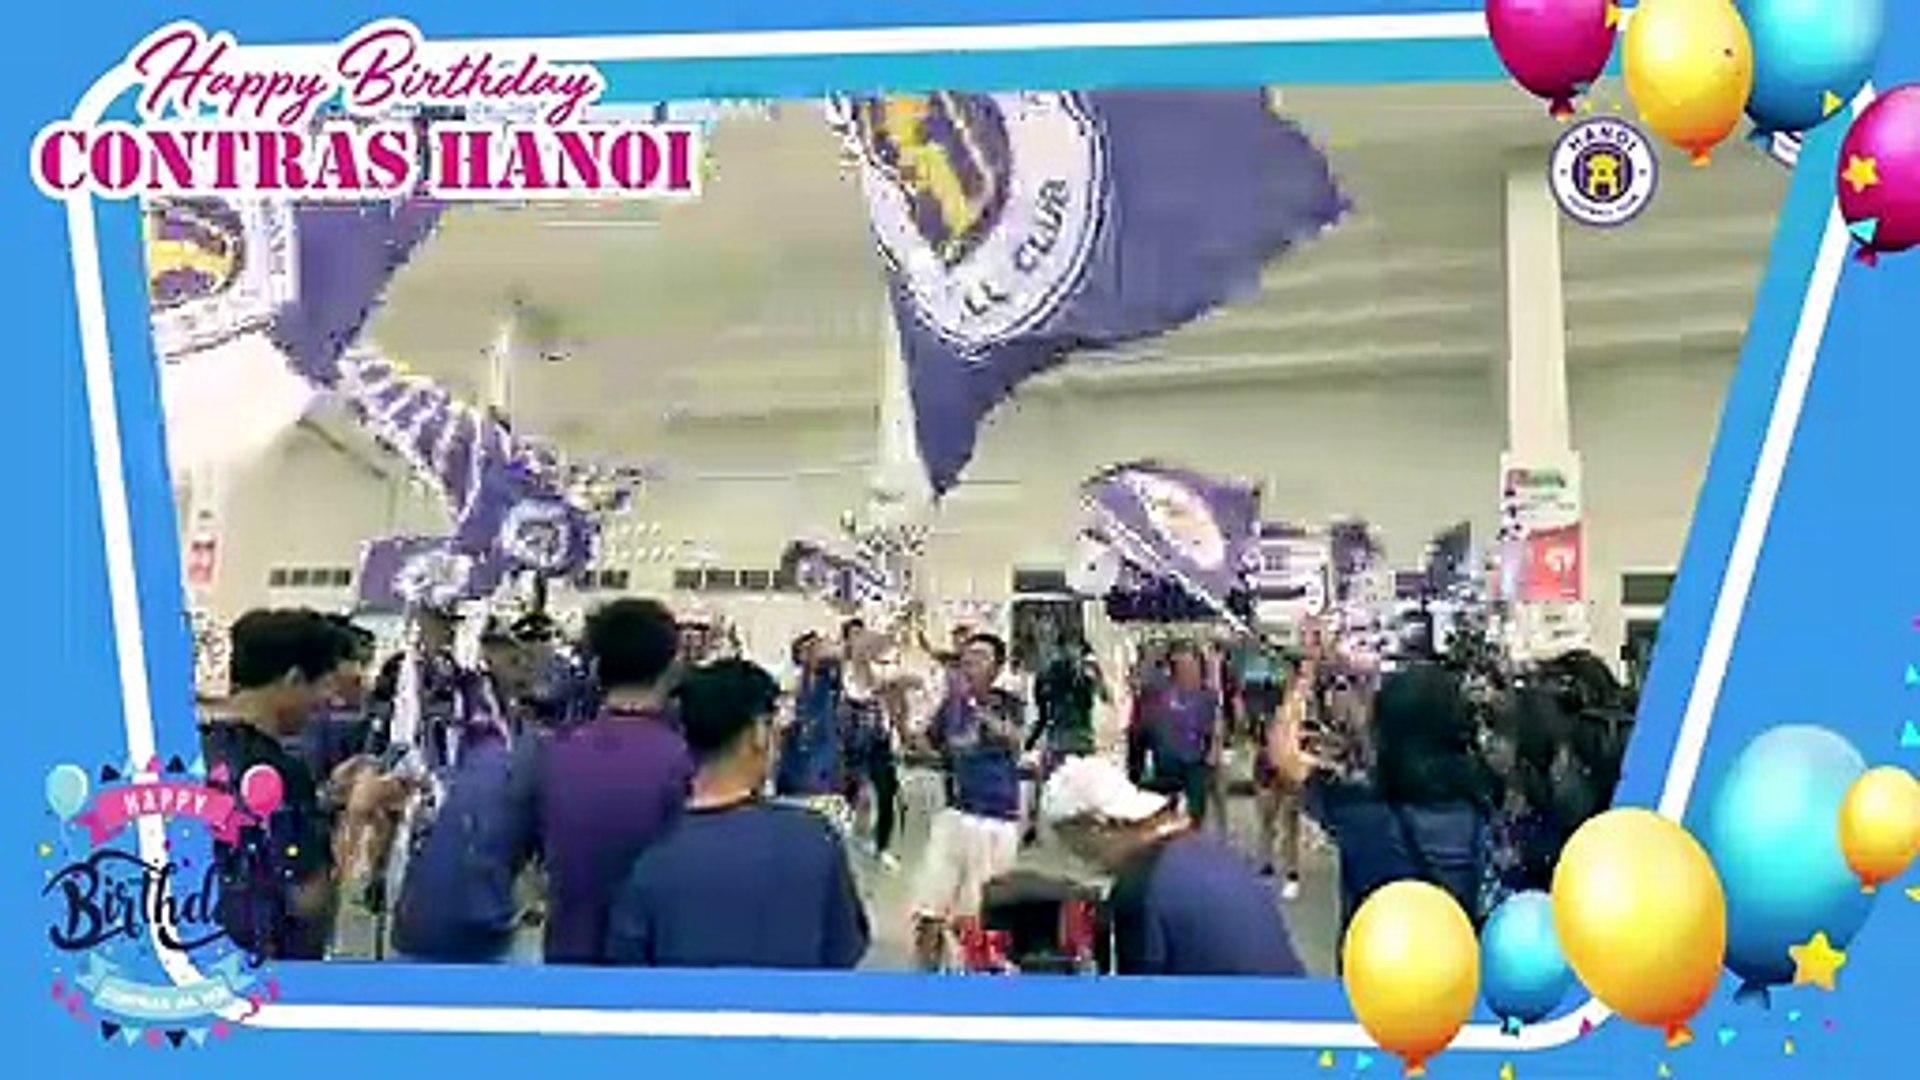 CLB Hà Nội chúc mừng sinh nhật hội CĐV Contras lần thứ IV | HANOI FC